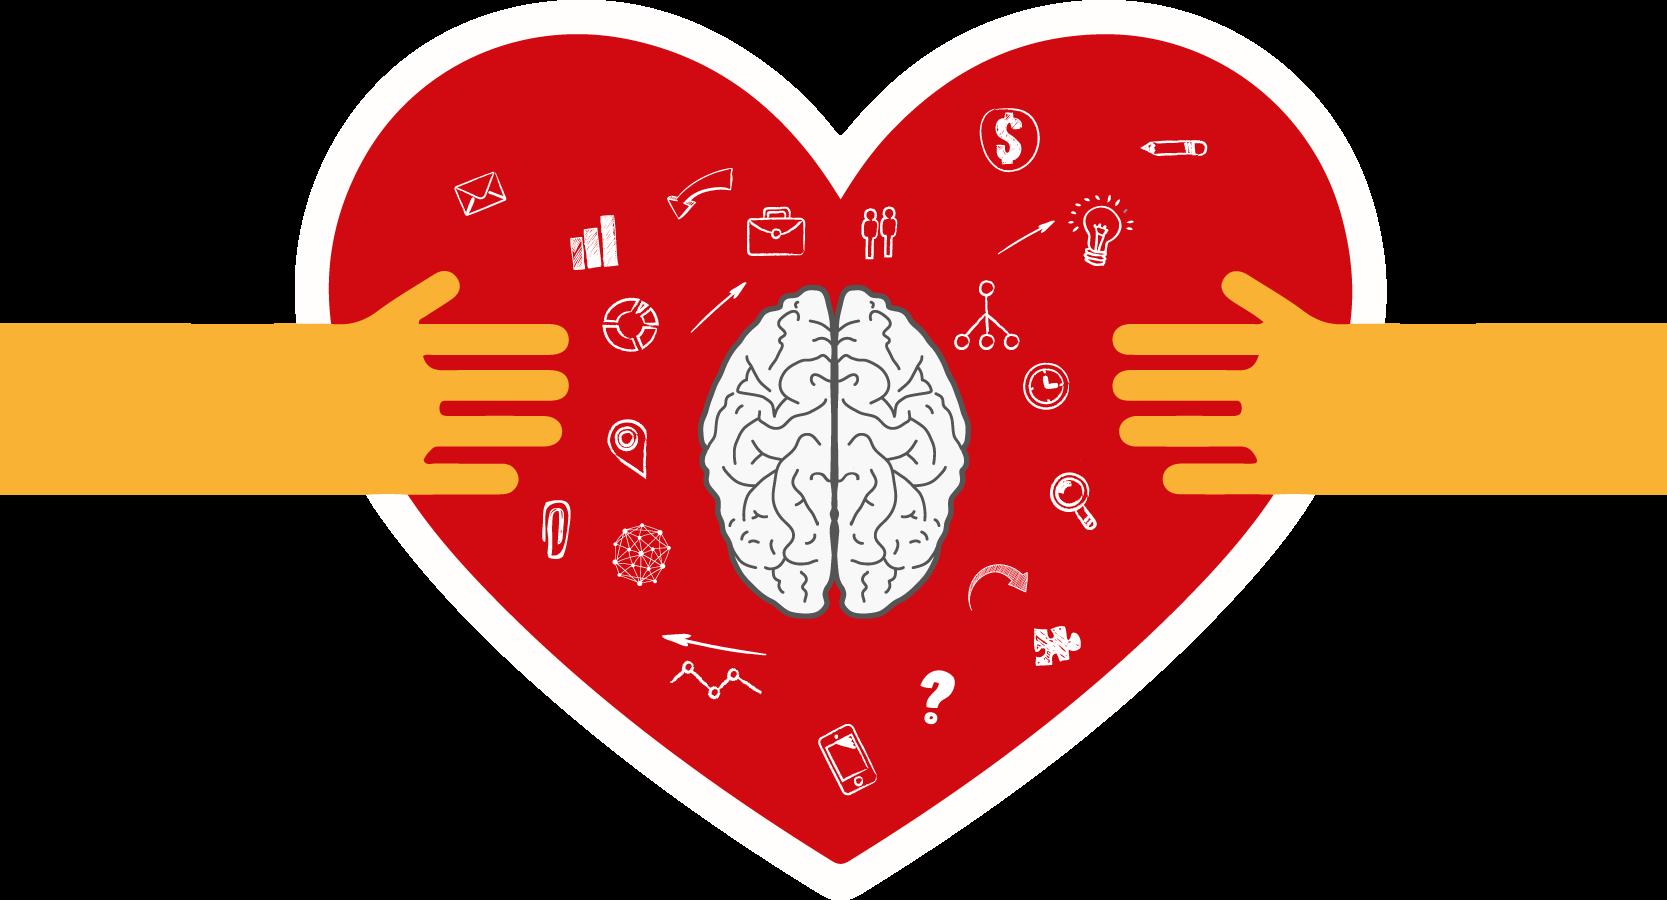 La empatía y el marketing emocional   Blog de Funky Marketing